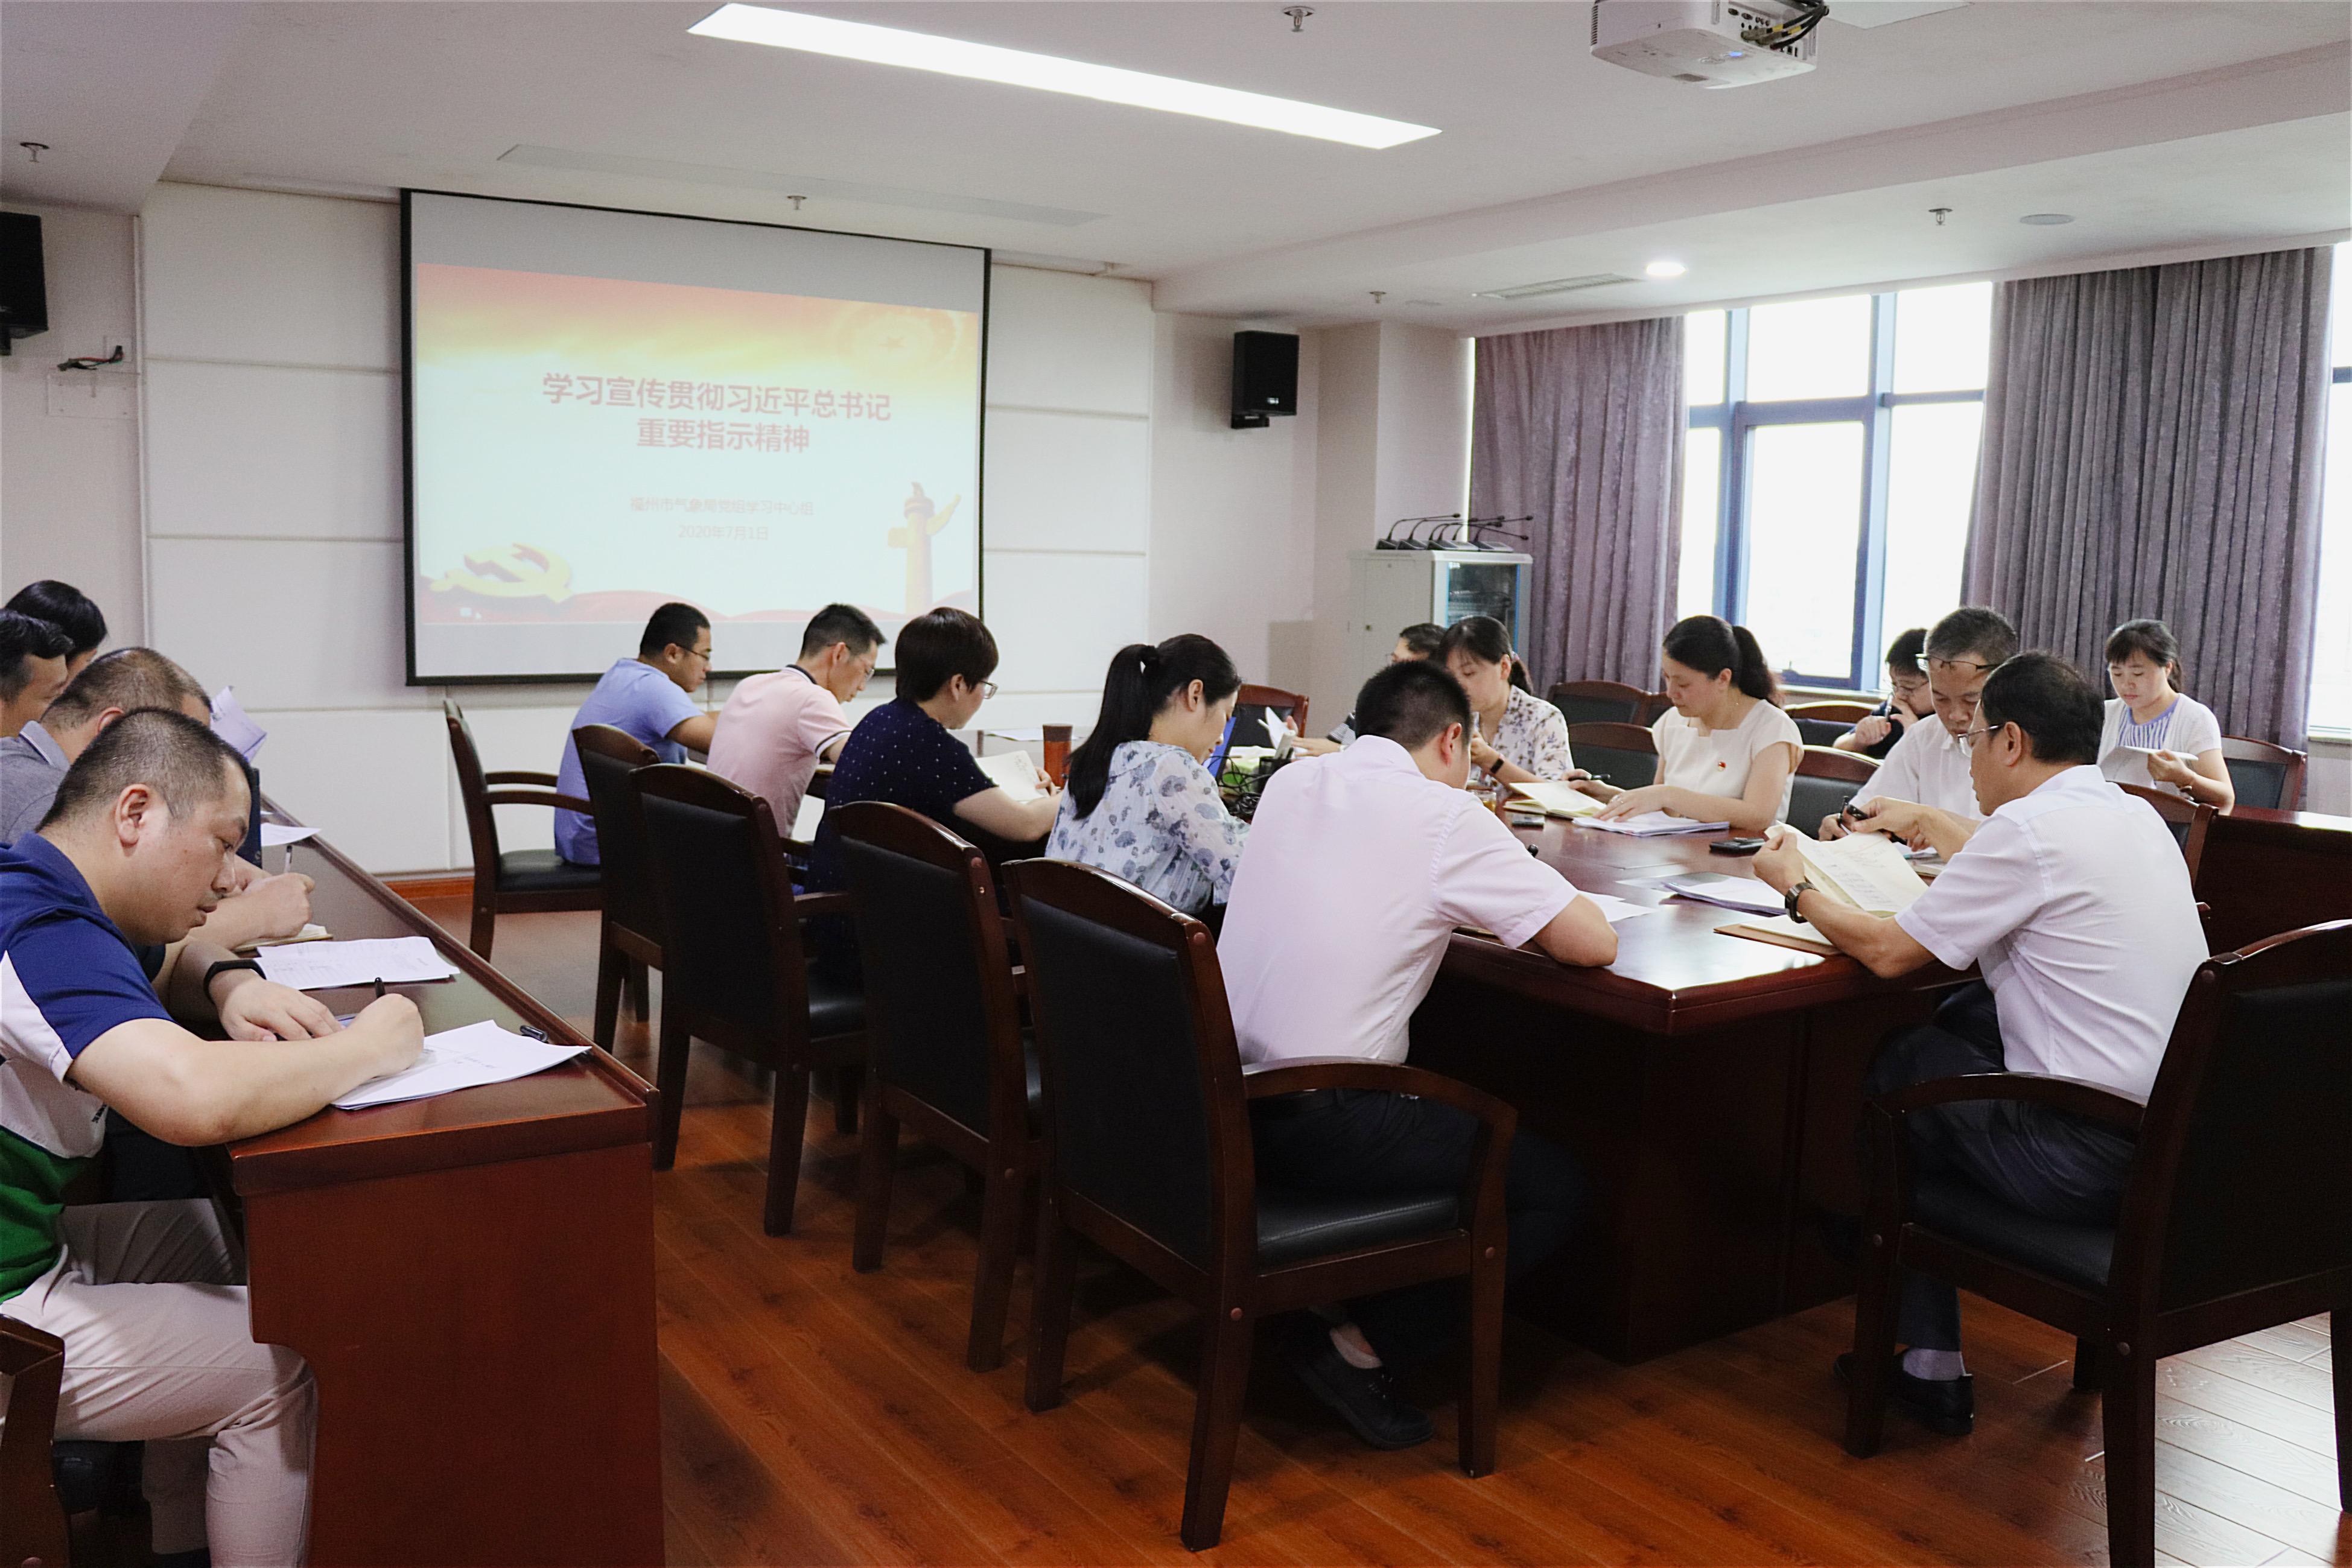 福州:贯彻落实习近平总书记重要指示精神 研讨谋划高质量发展举措